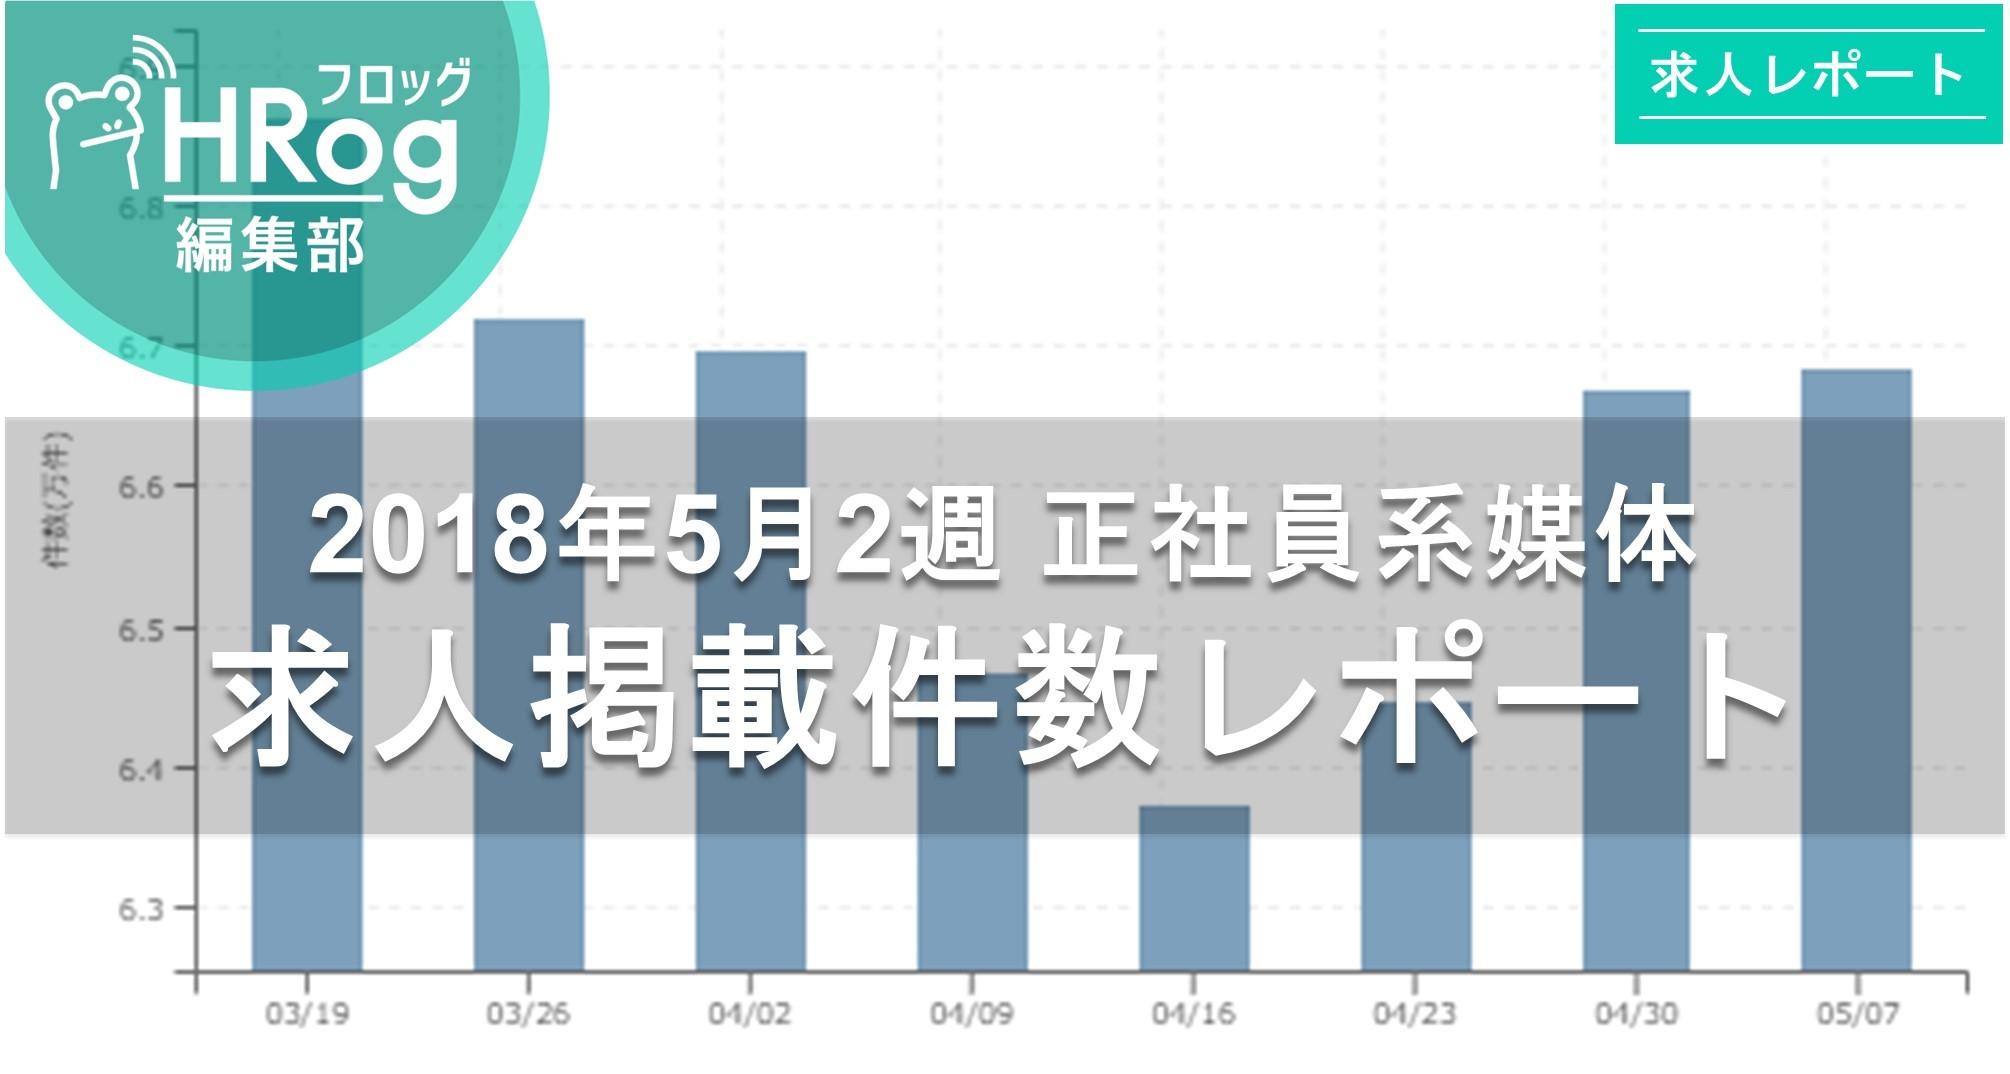 【2018年5月2週 正社員系媒体 求人掲載件数レポート】復調傾向!3週連続で求人数増加!